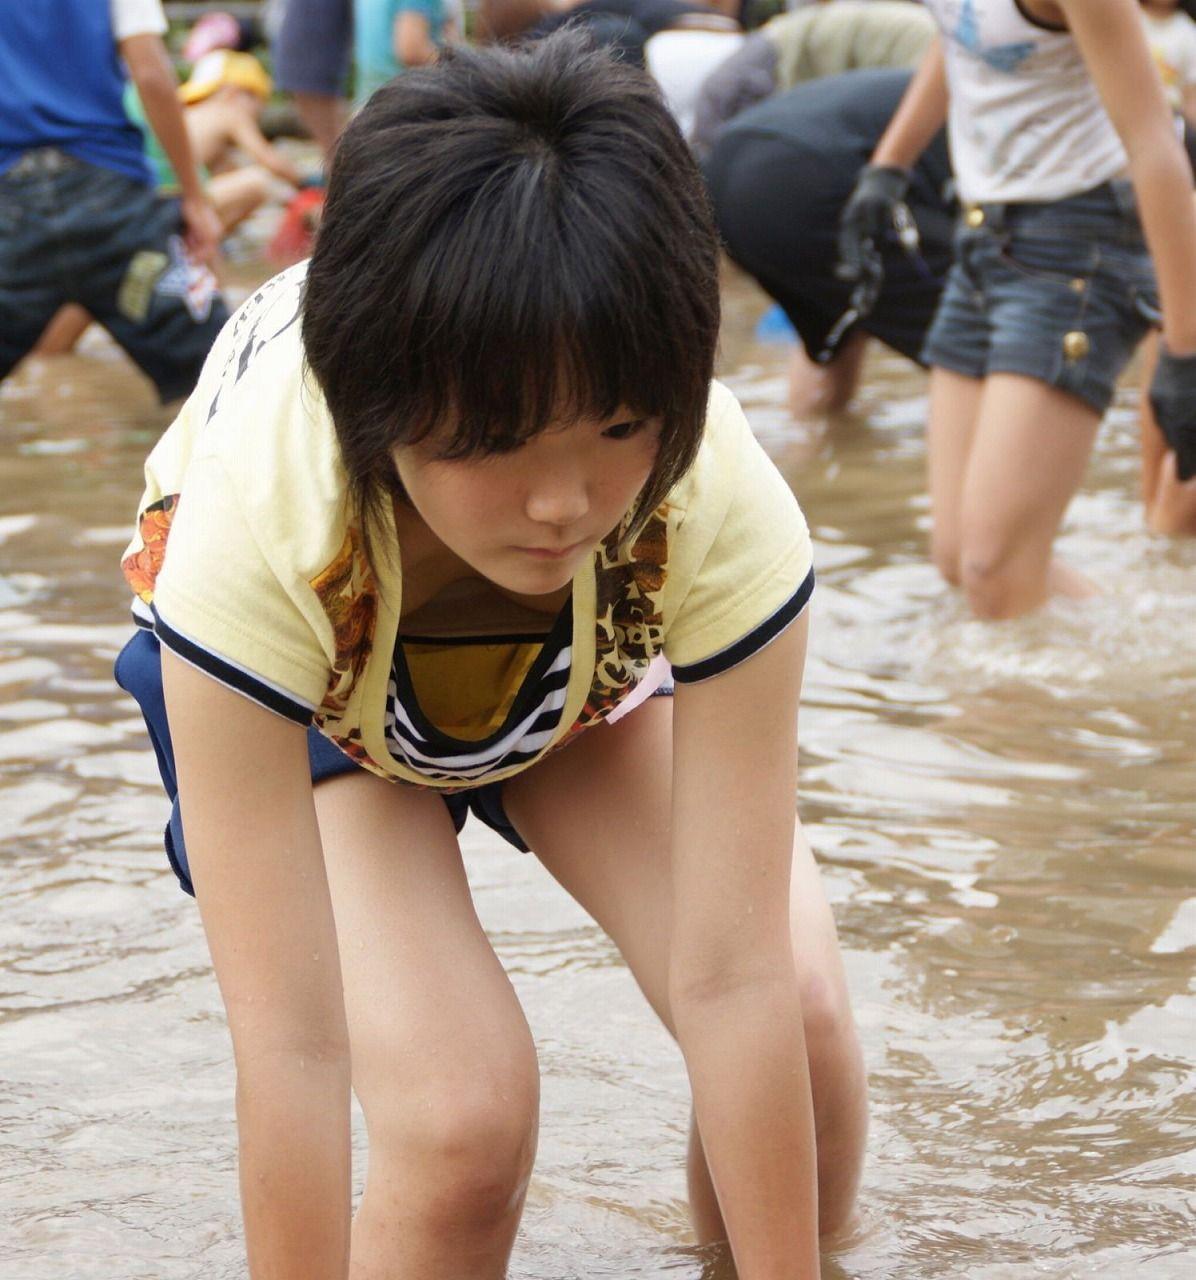 乾布摩擦 裸 小学生 裸で乾布摩擦 | CLOUDY GIRL PICS